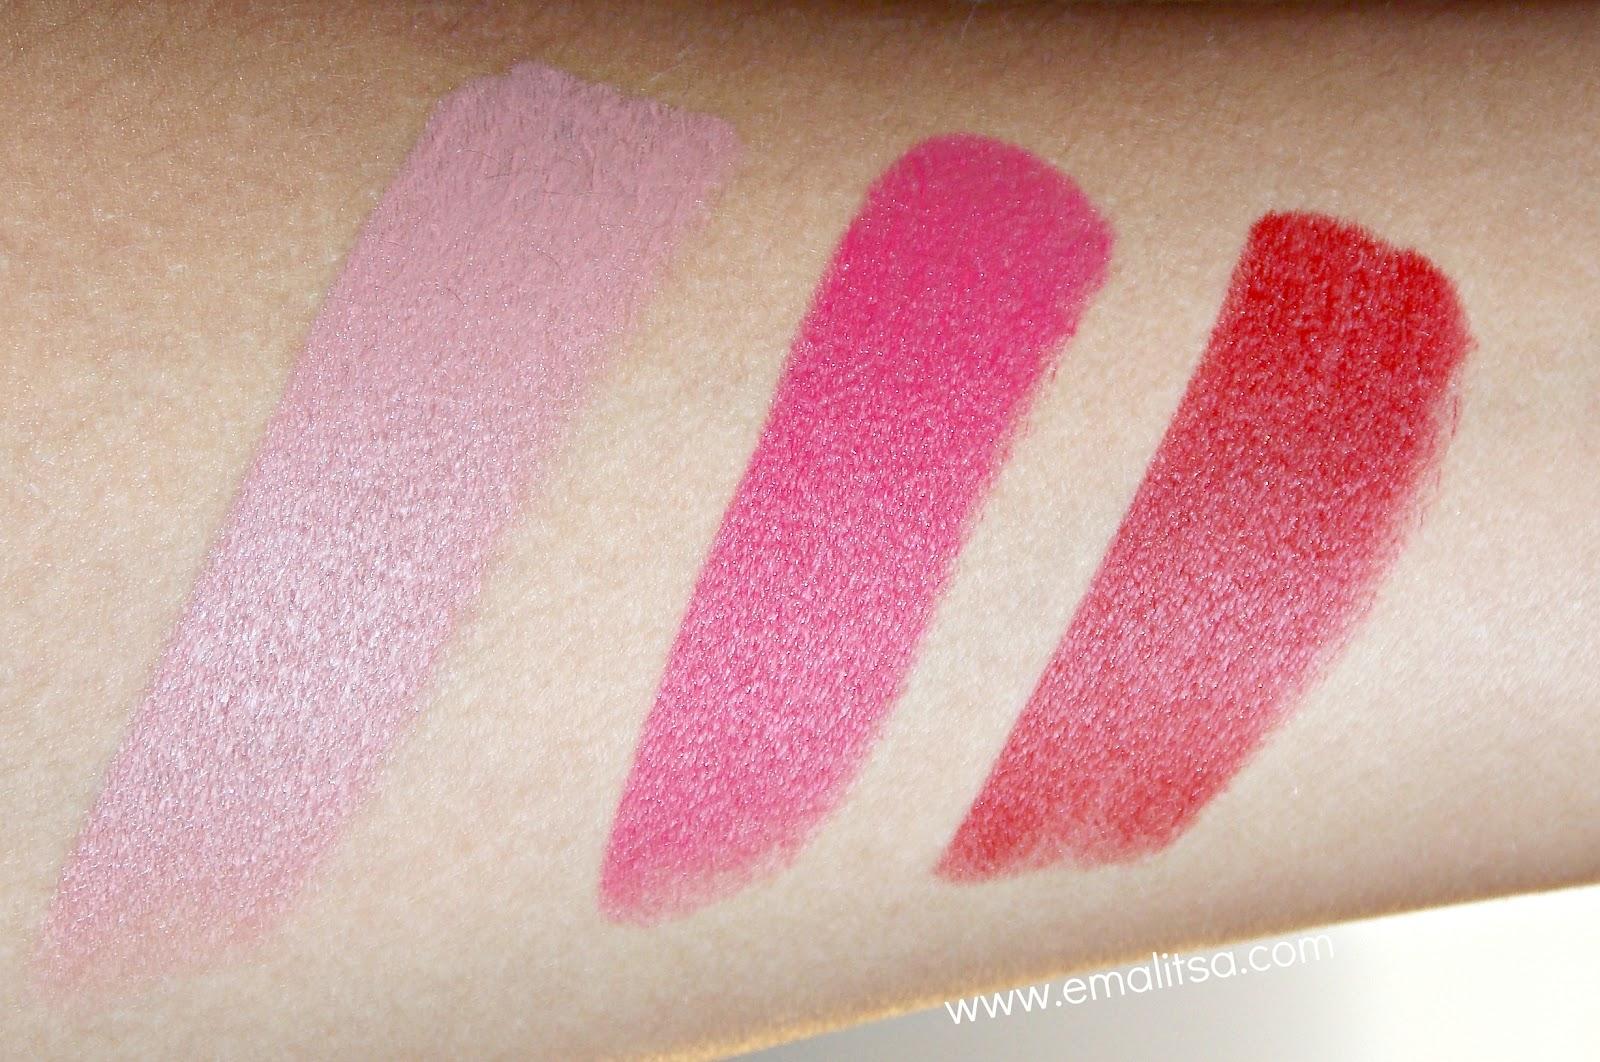 http://2.bp.blogspot.com/-6TCVjh0LwWQ/UBVgUbZPlKI/AAAAAAAAAGg/PH_NT-G7j3k/s1600/rimmel-kate-moss-lipstick-swatches.jpg